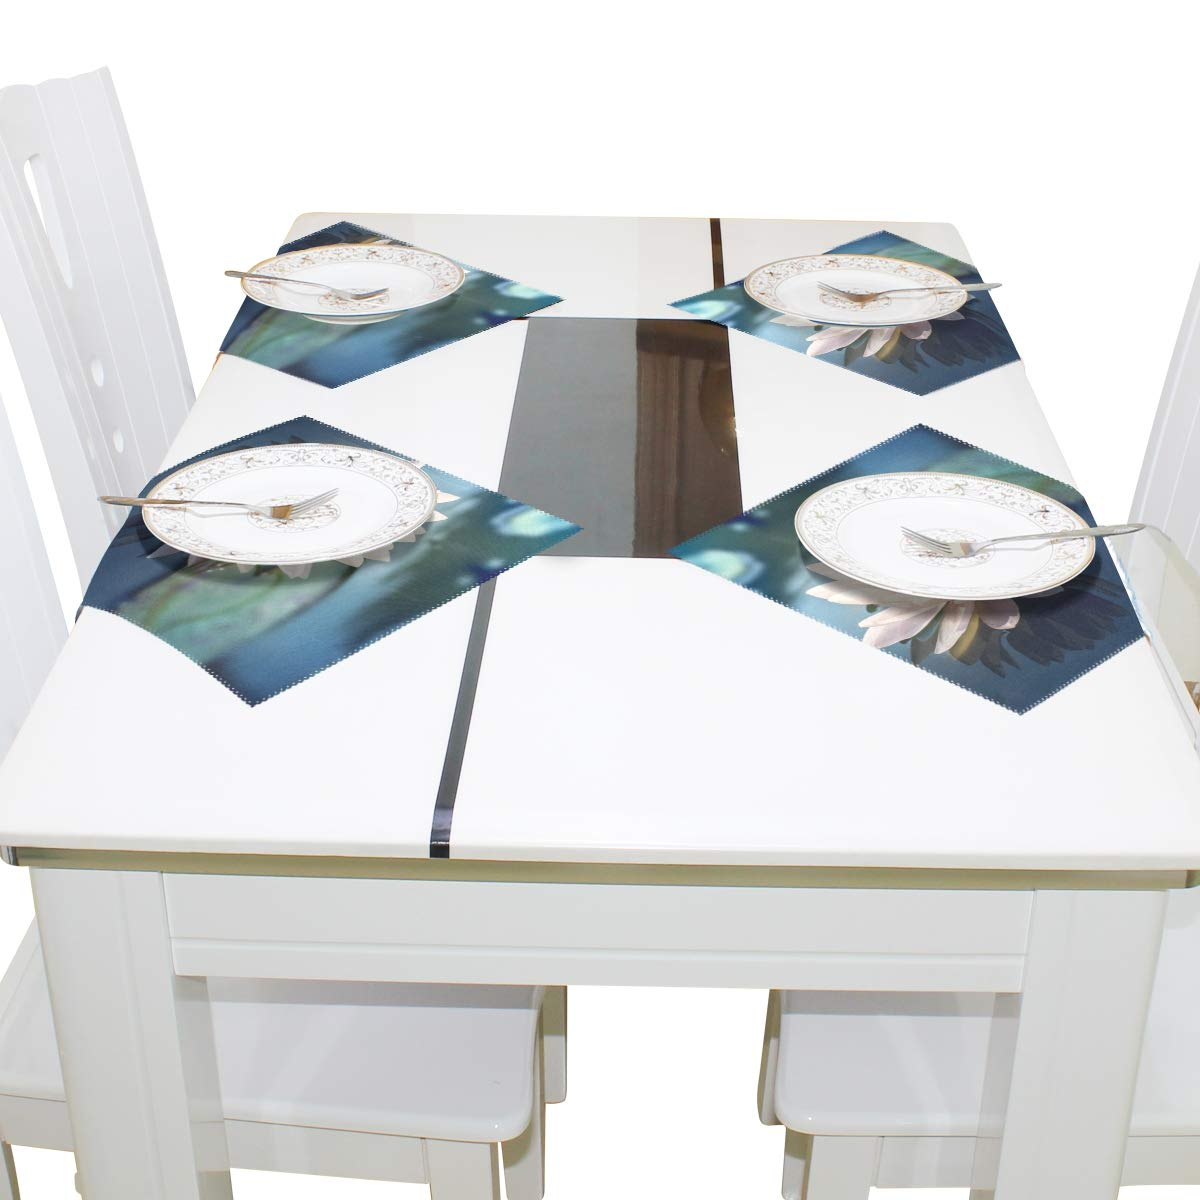 12x12x1 Sets de table Superbe Fleur de Lotus en Bassin 30,5/x 30,5/cm One Piece r/ésistant /à la chaleur antid/érapant pour table de salle /à manger in Image 106 polyester /& polyester m/élang/é